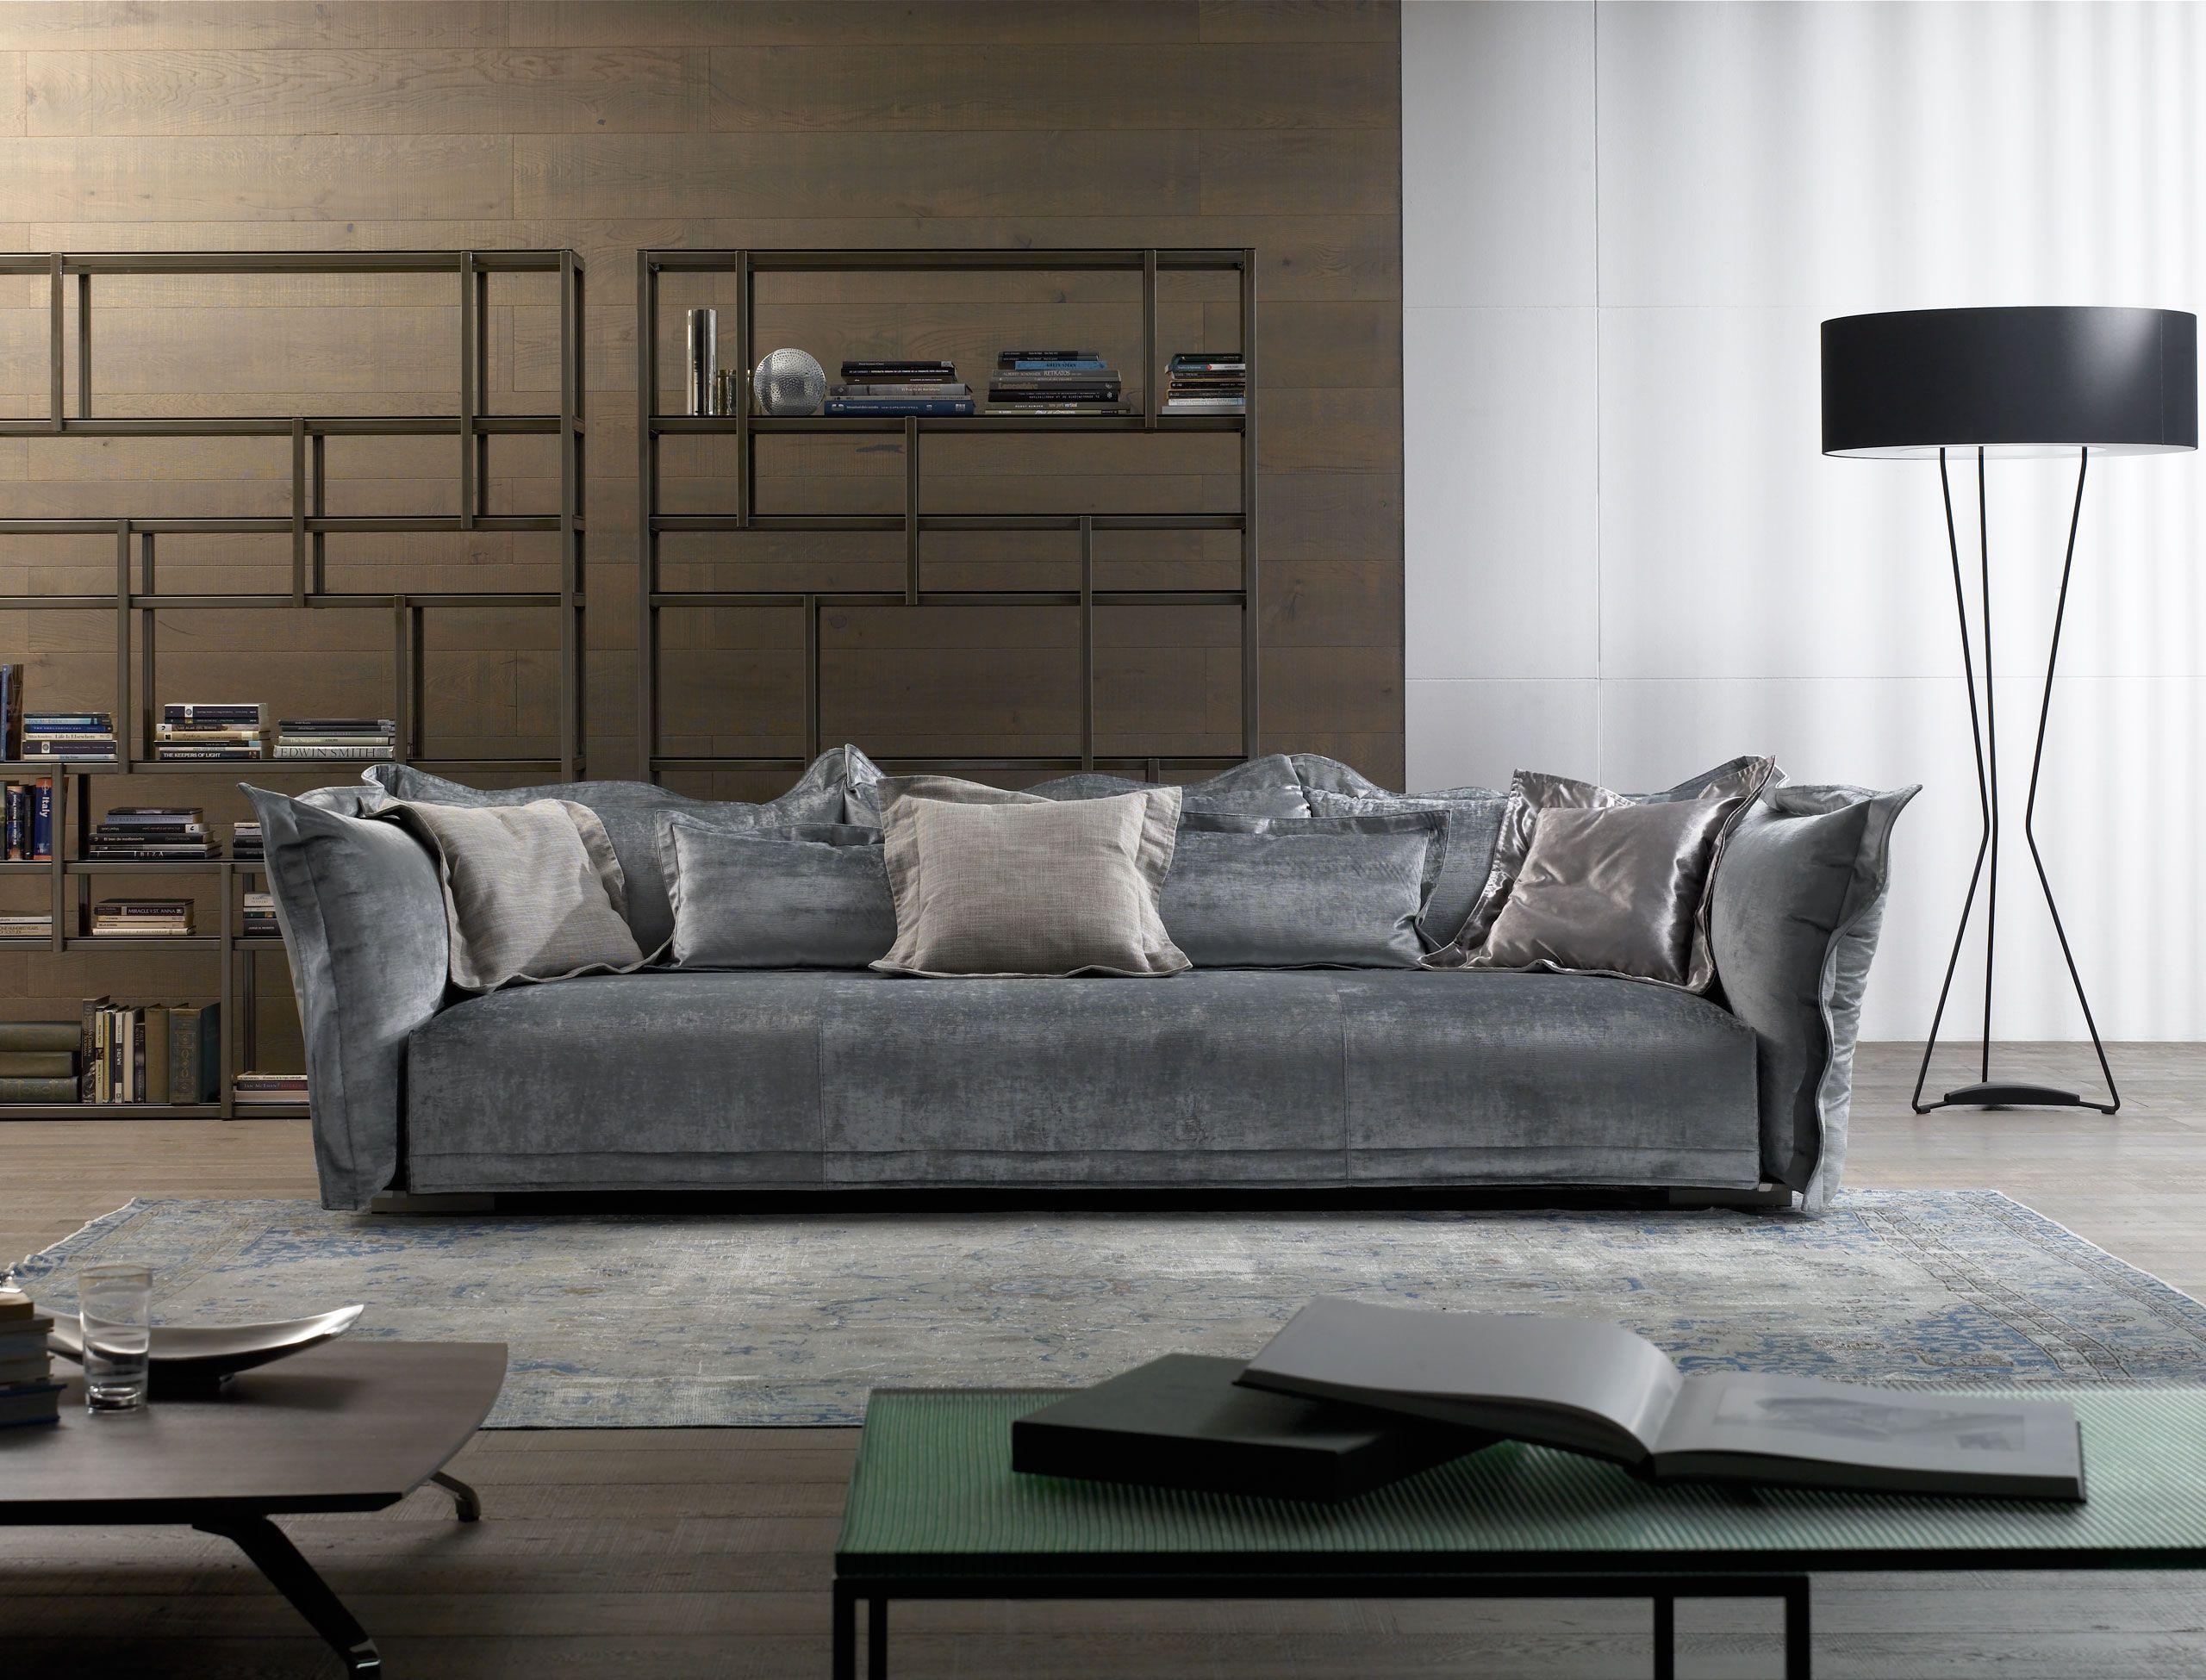 Casades s furniture design barcelona divani muebles for Mobili italiani design